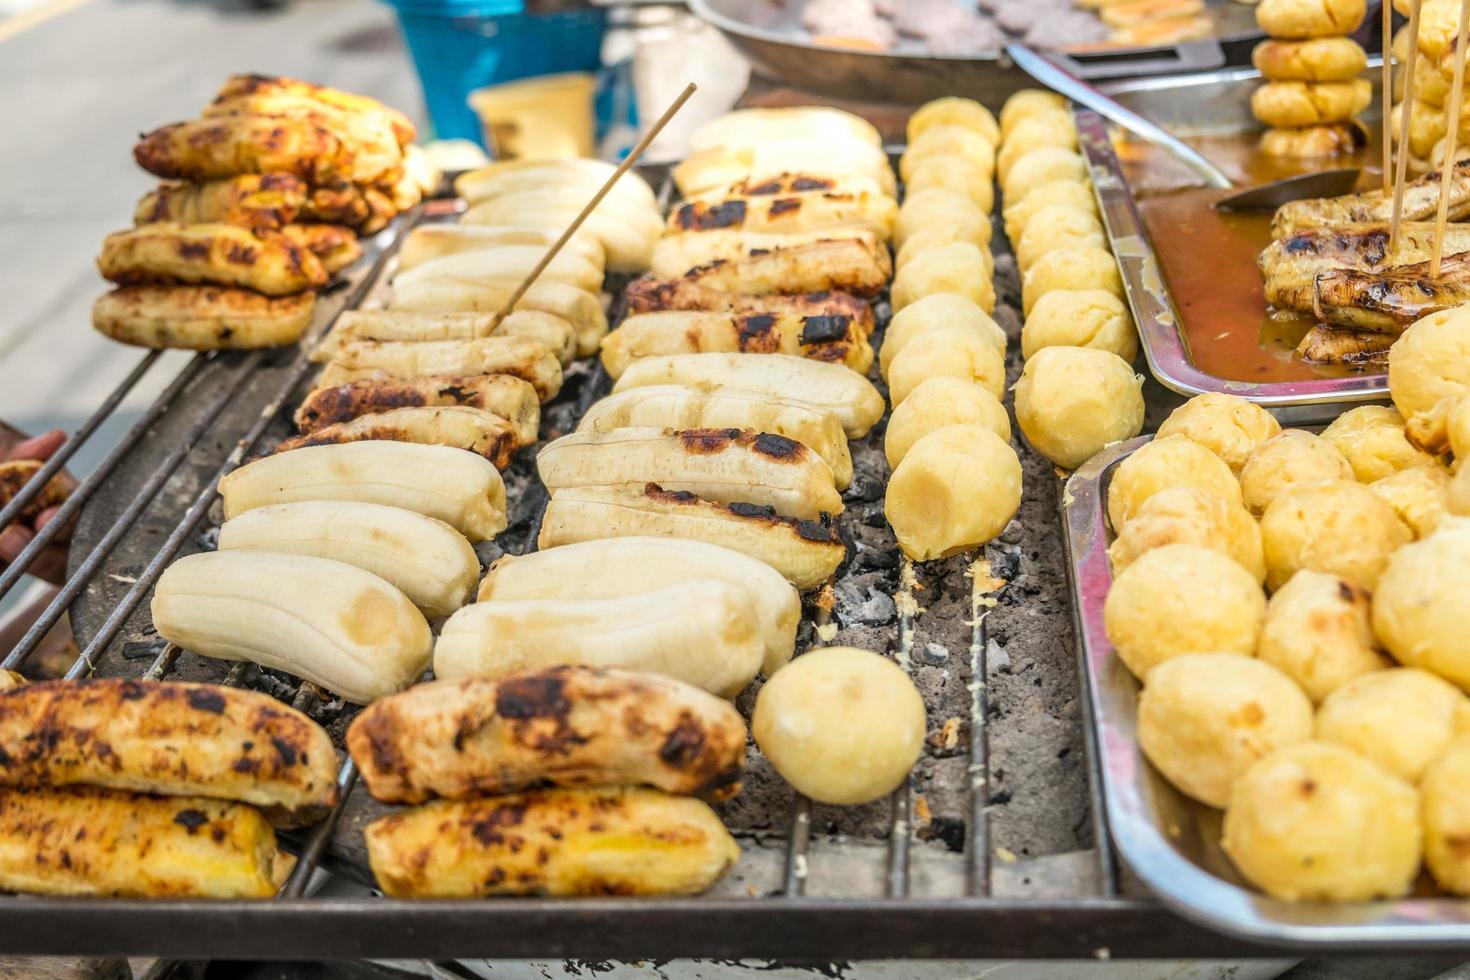 banana alla griglia e patate dolci per la vendita in un mercato locale foto